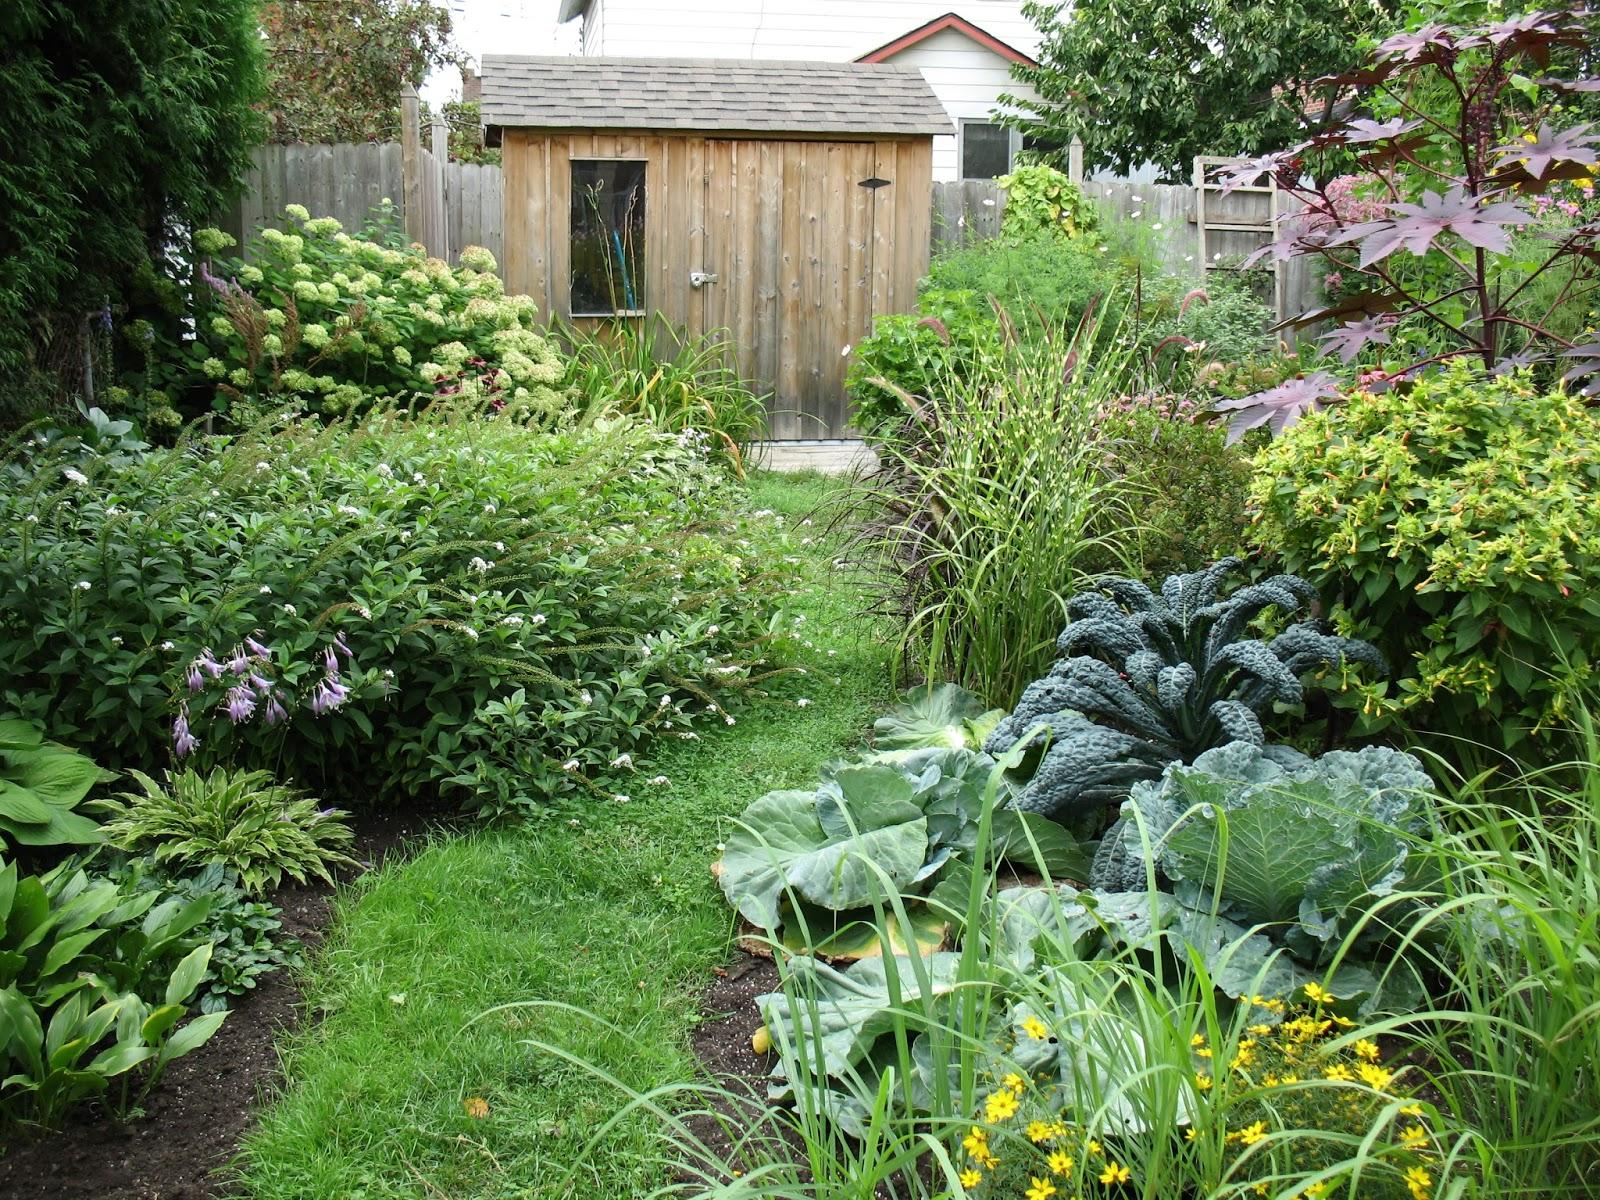 Les jardins des comestibles les comestibles for Amenager son jardin potager